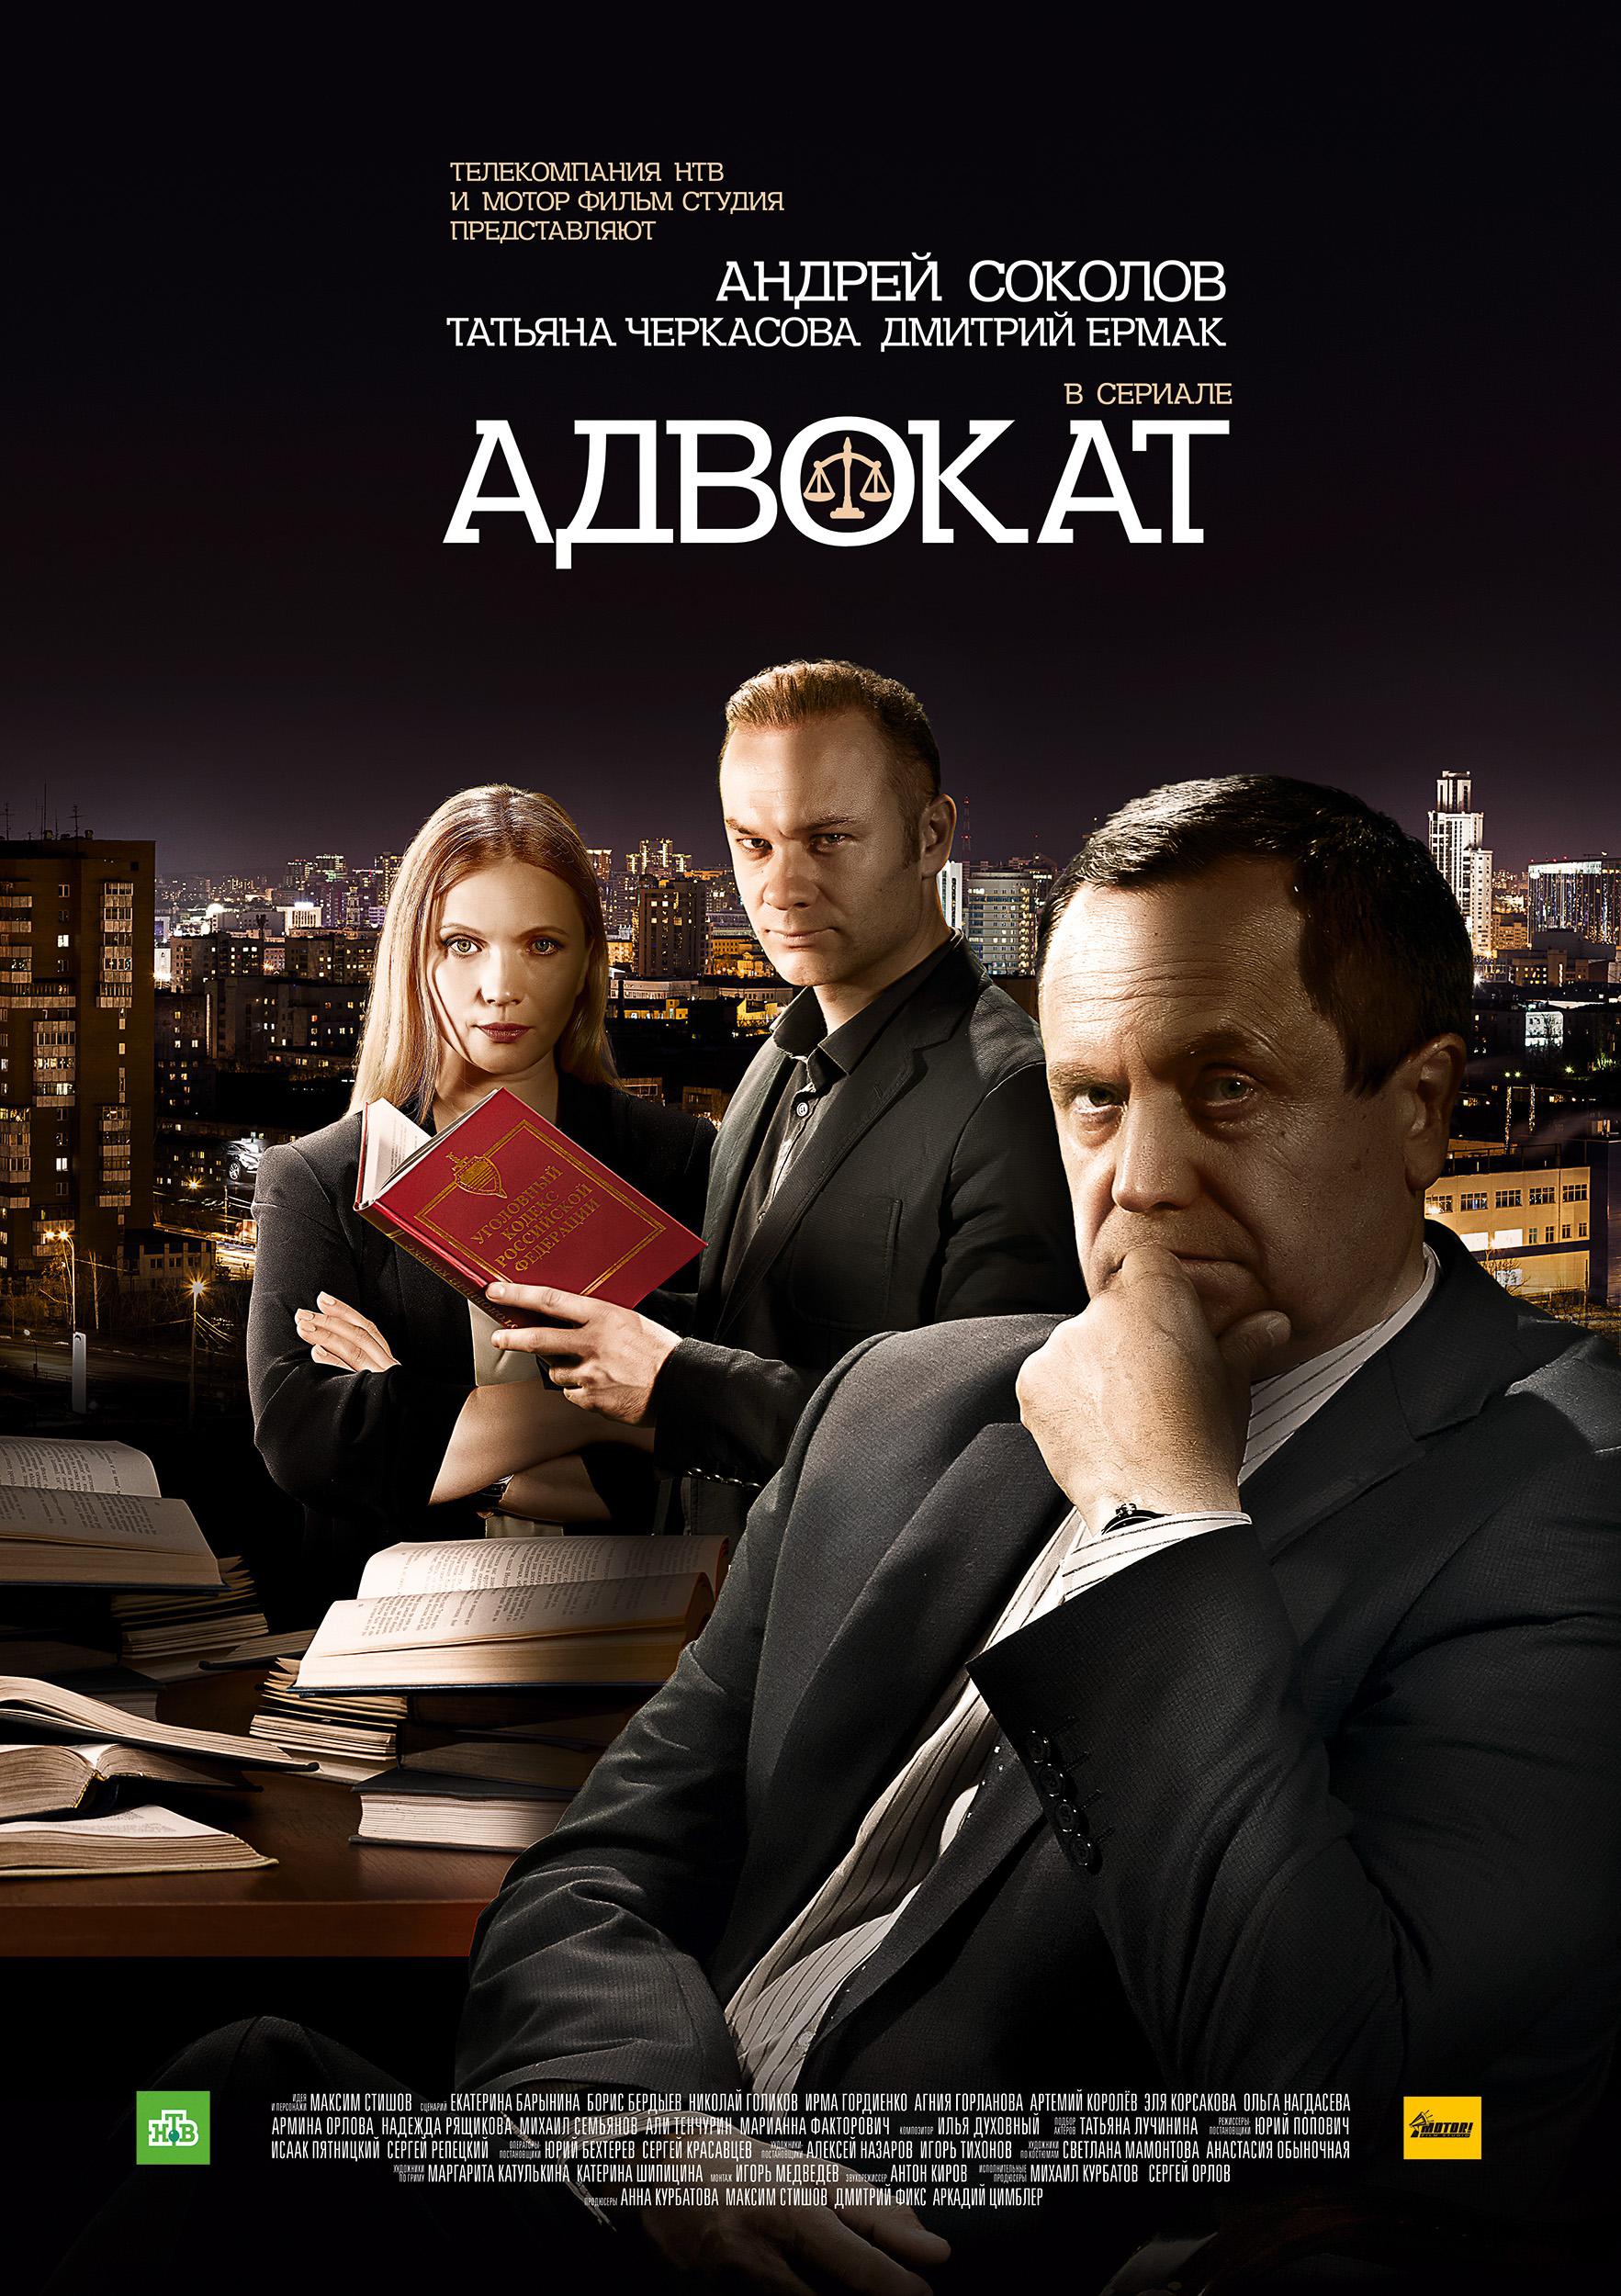 Tatyana Cherkasova, Andrey Sokolov, and Dmitri Ermak in Advokat. Prodolzhenie (2017)